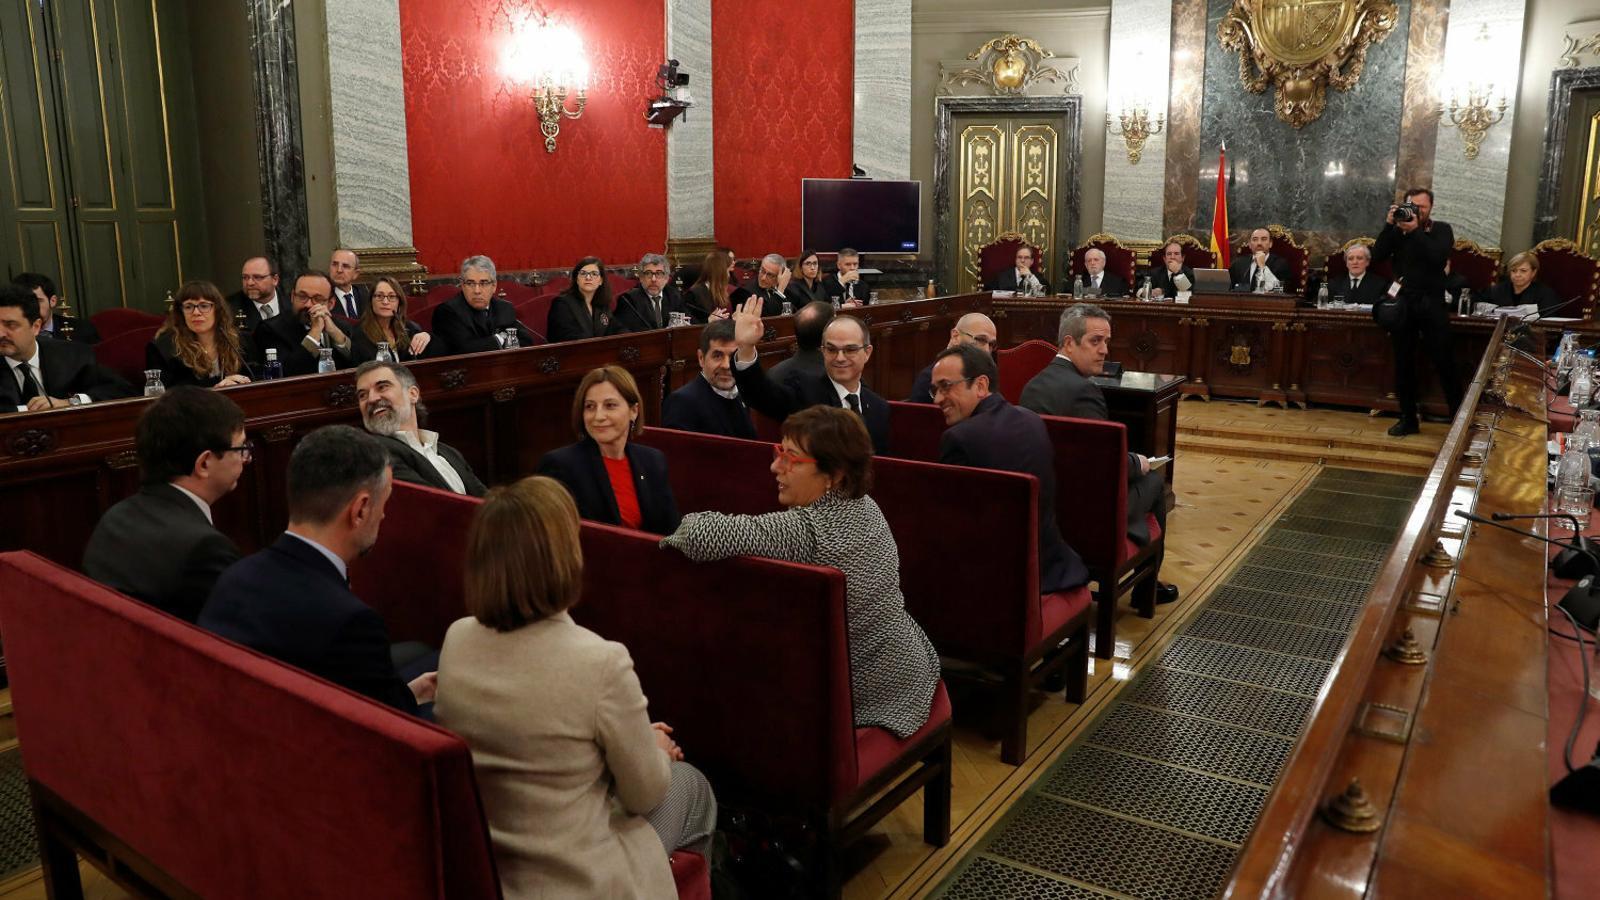 Els presos polítics durant  la primera sessió del judici al Procés. / J.J.GUILLÉN / EFE